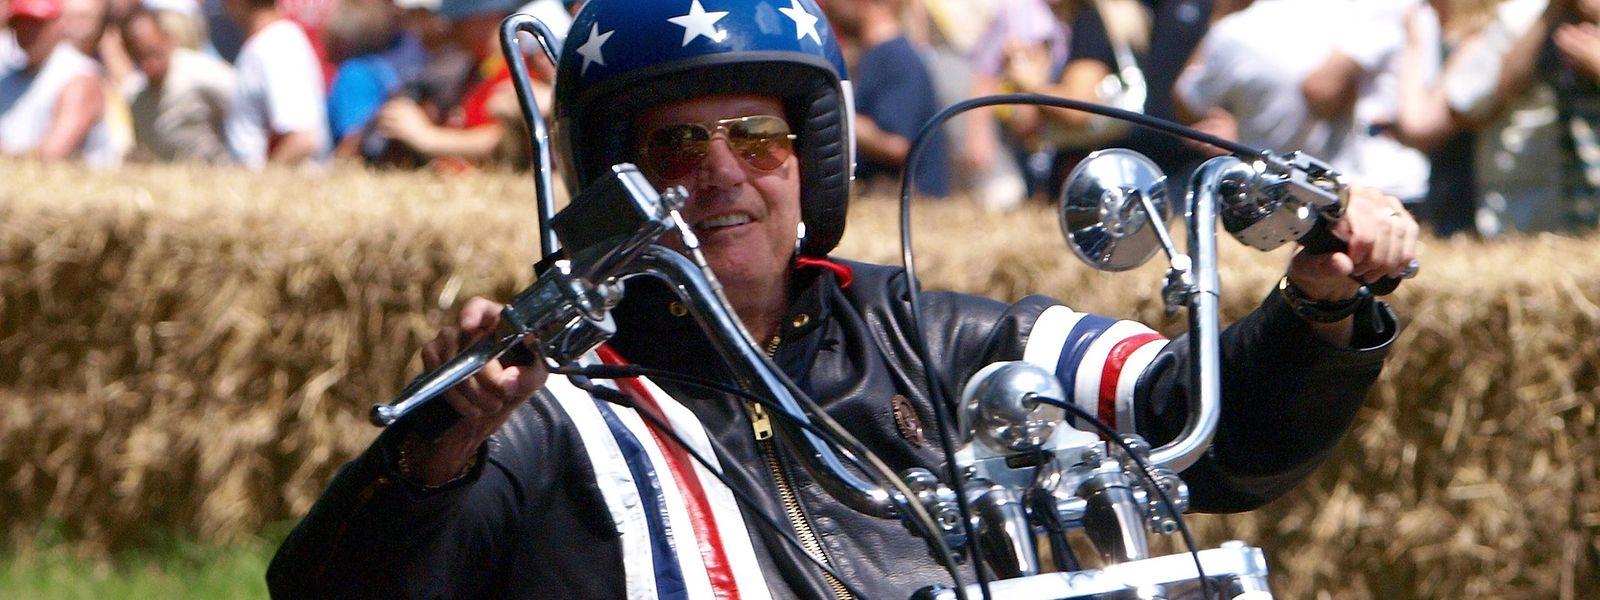 """1969 wurde Peter Fonda als Motorradfreak """"Captain America"""" in dem Kult-Streifen """"Easy Rider"""" zum Idol der Hippie-Bewegung"""